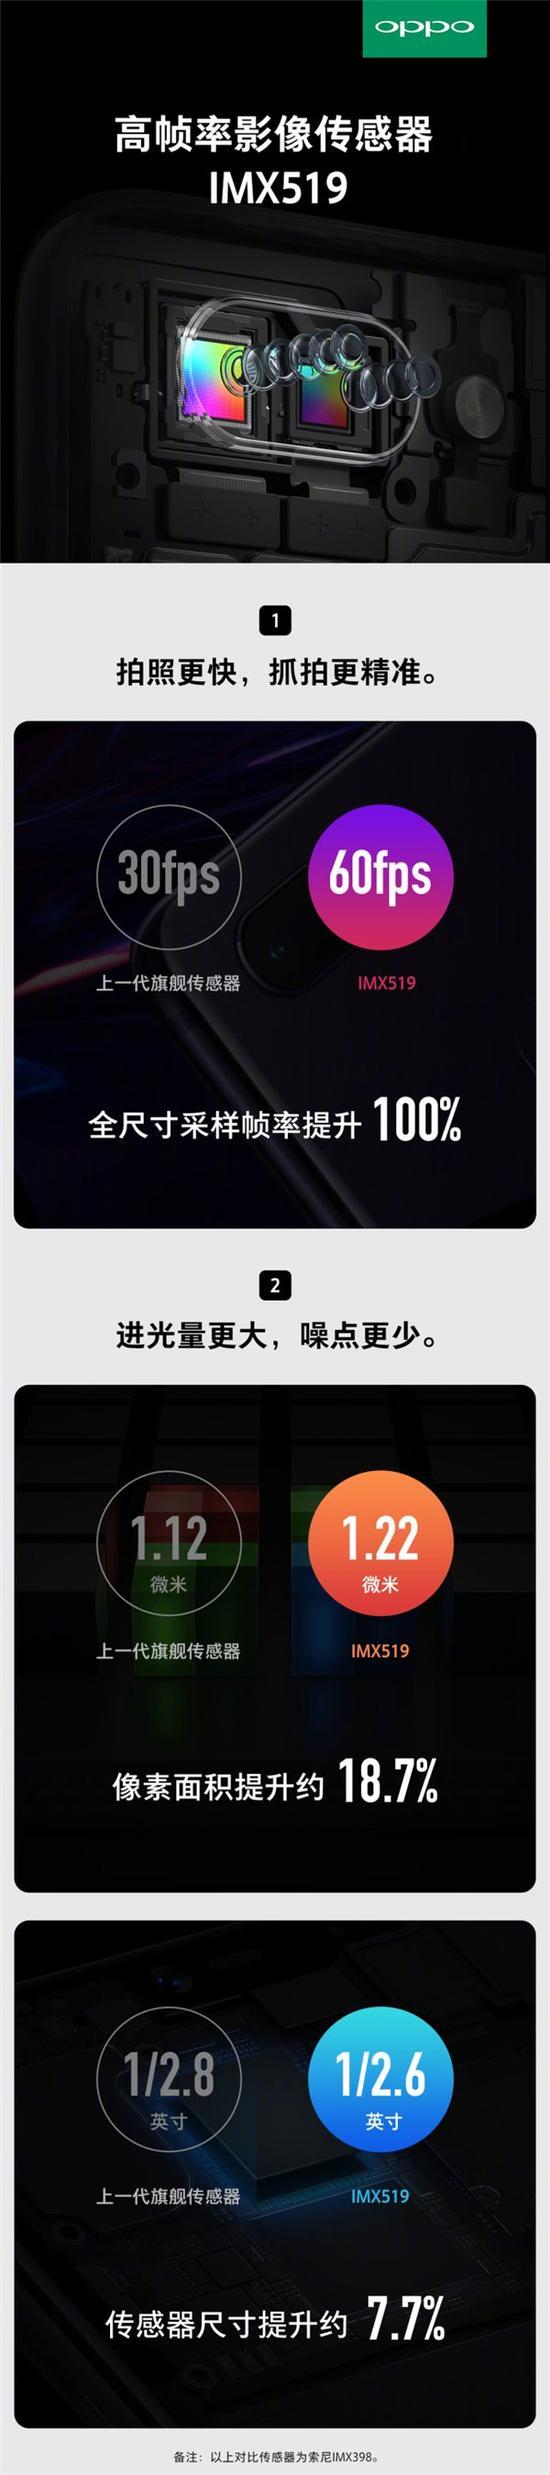 官方宣布:OPPO R15将首发索尼IMX519传感器